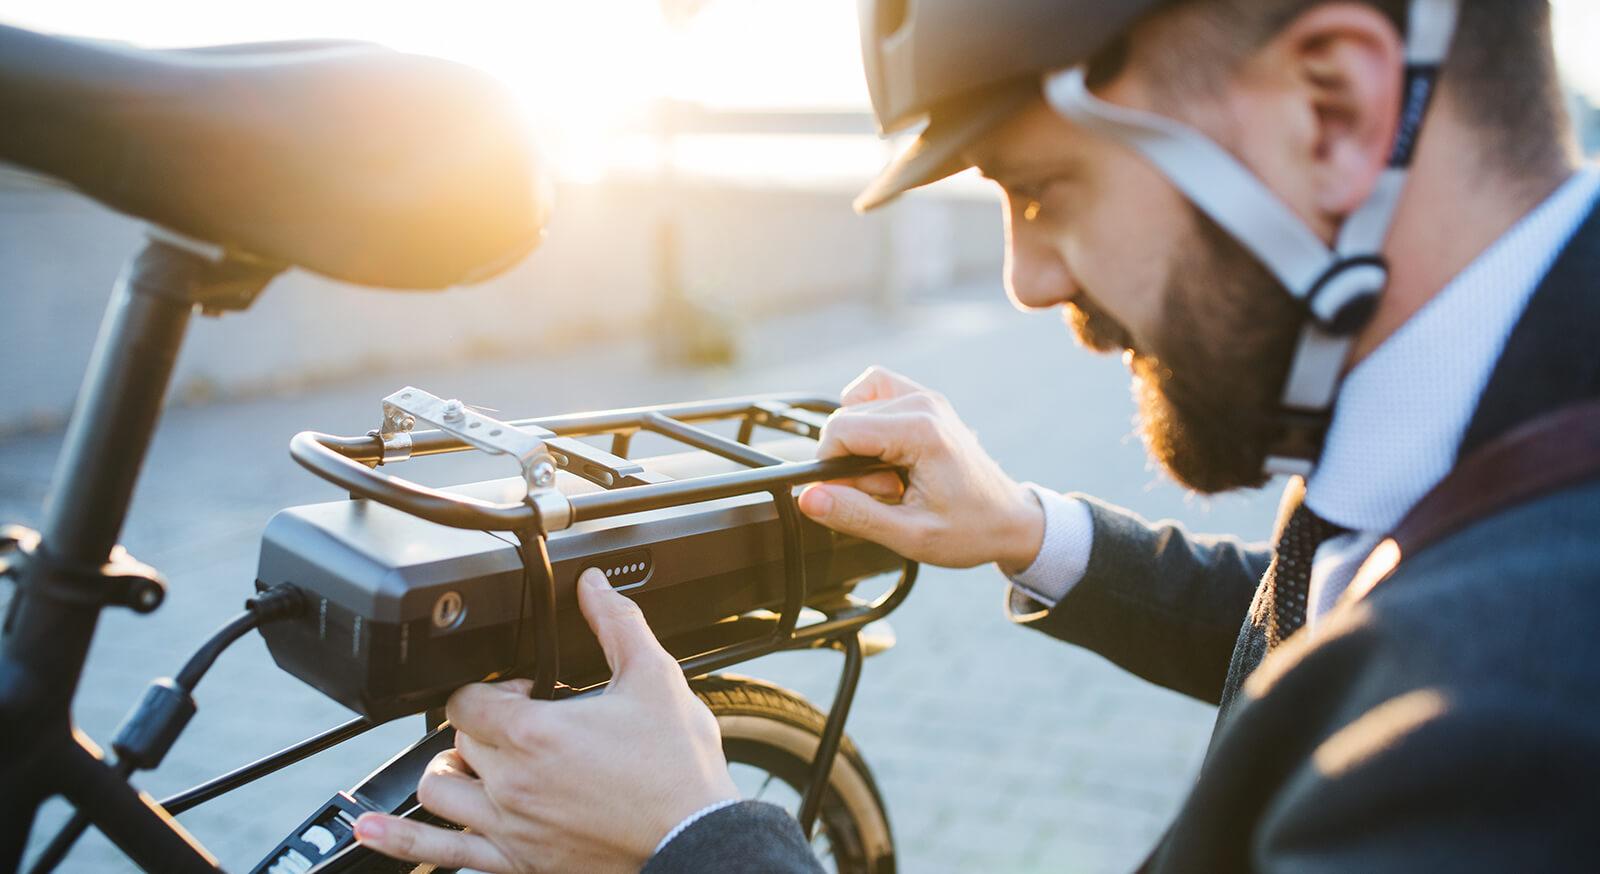 Geschäftsmann mit E-Bike